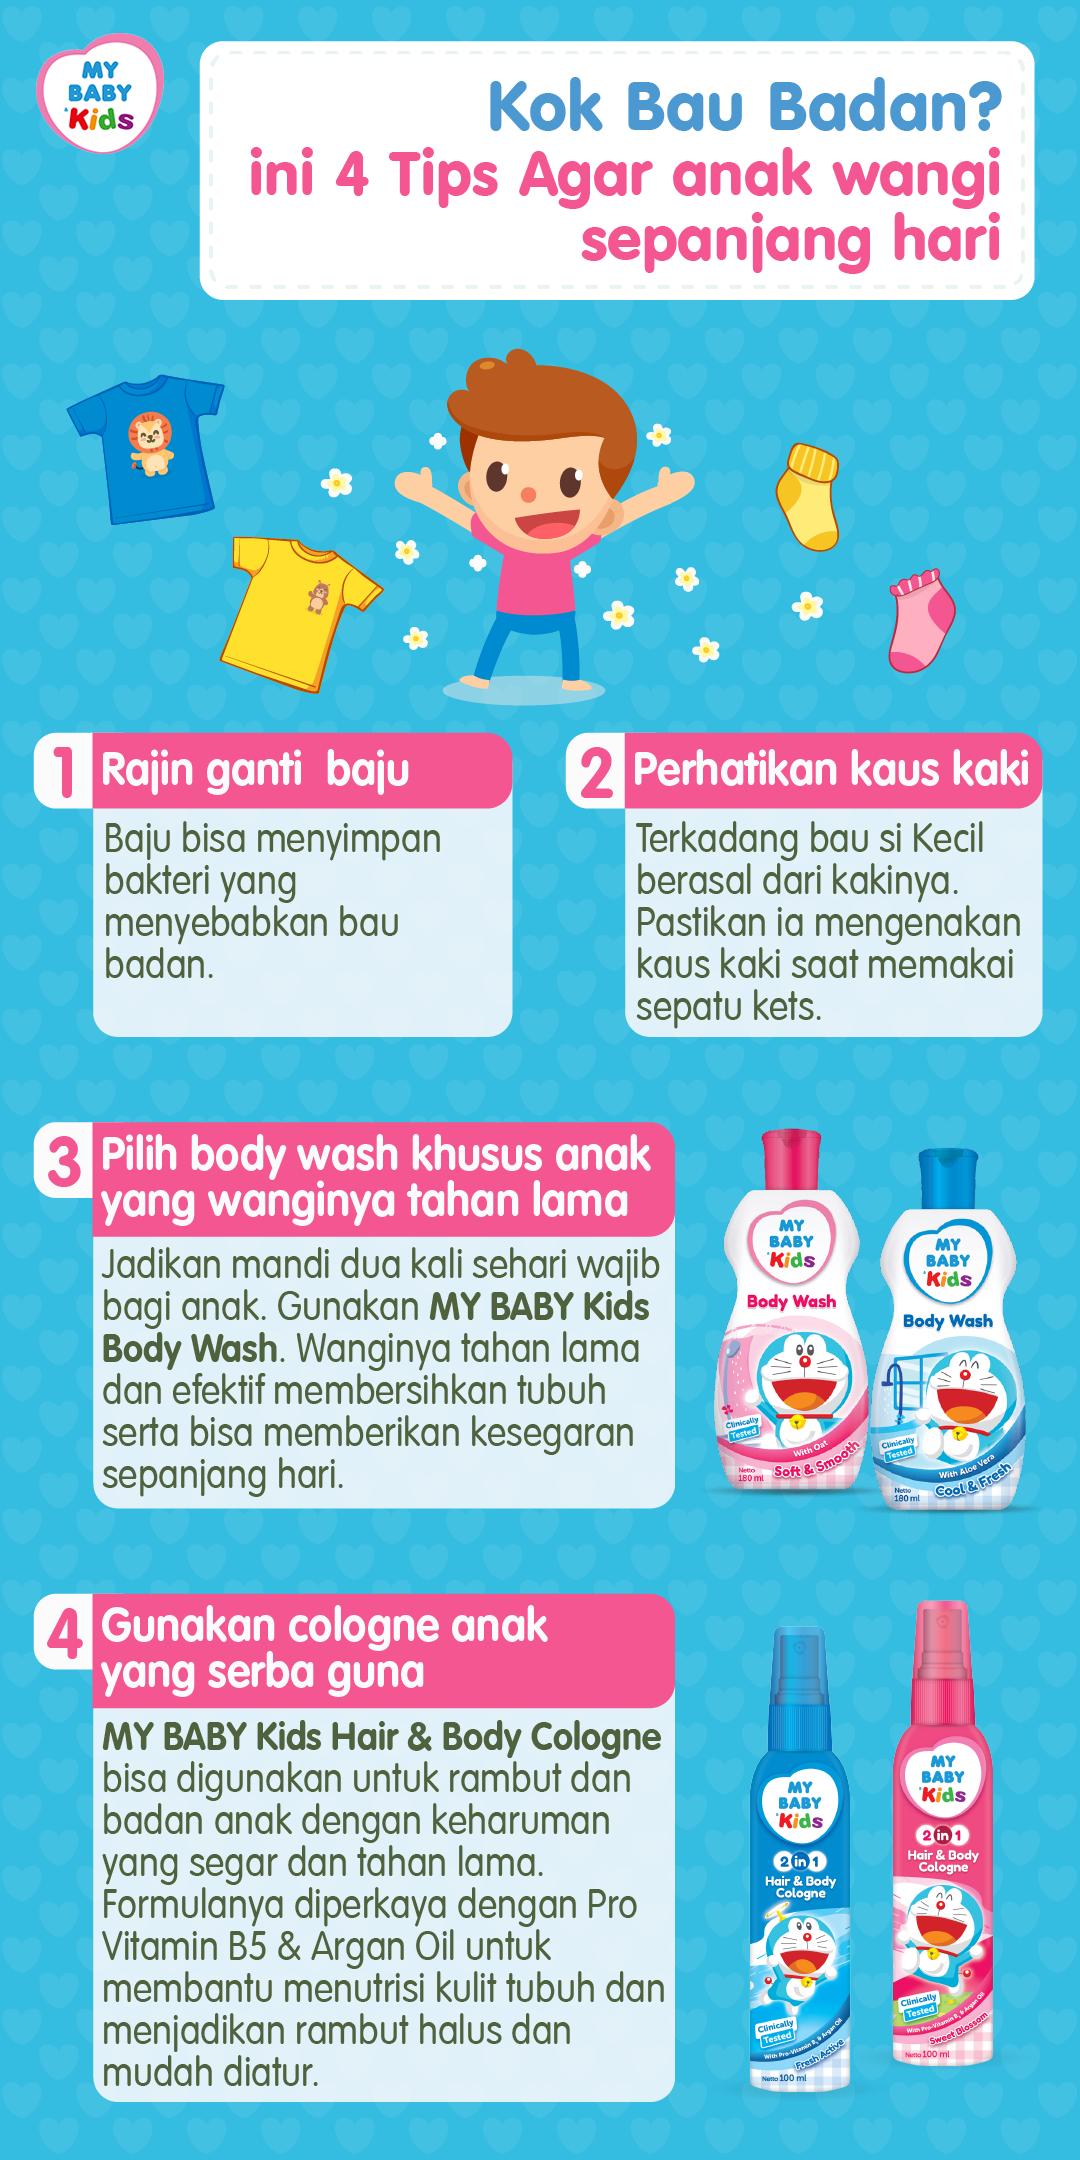 Kok Bau Badan? ini 4 Tips Agar anak wangi sepanjang hari